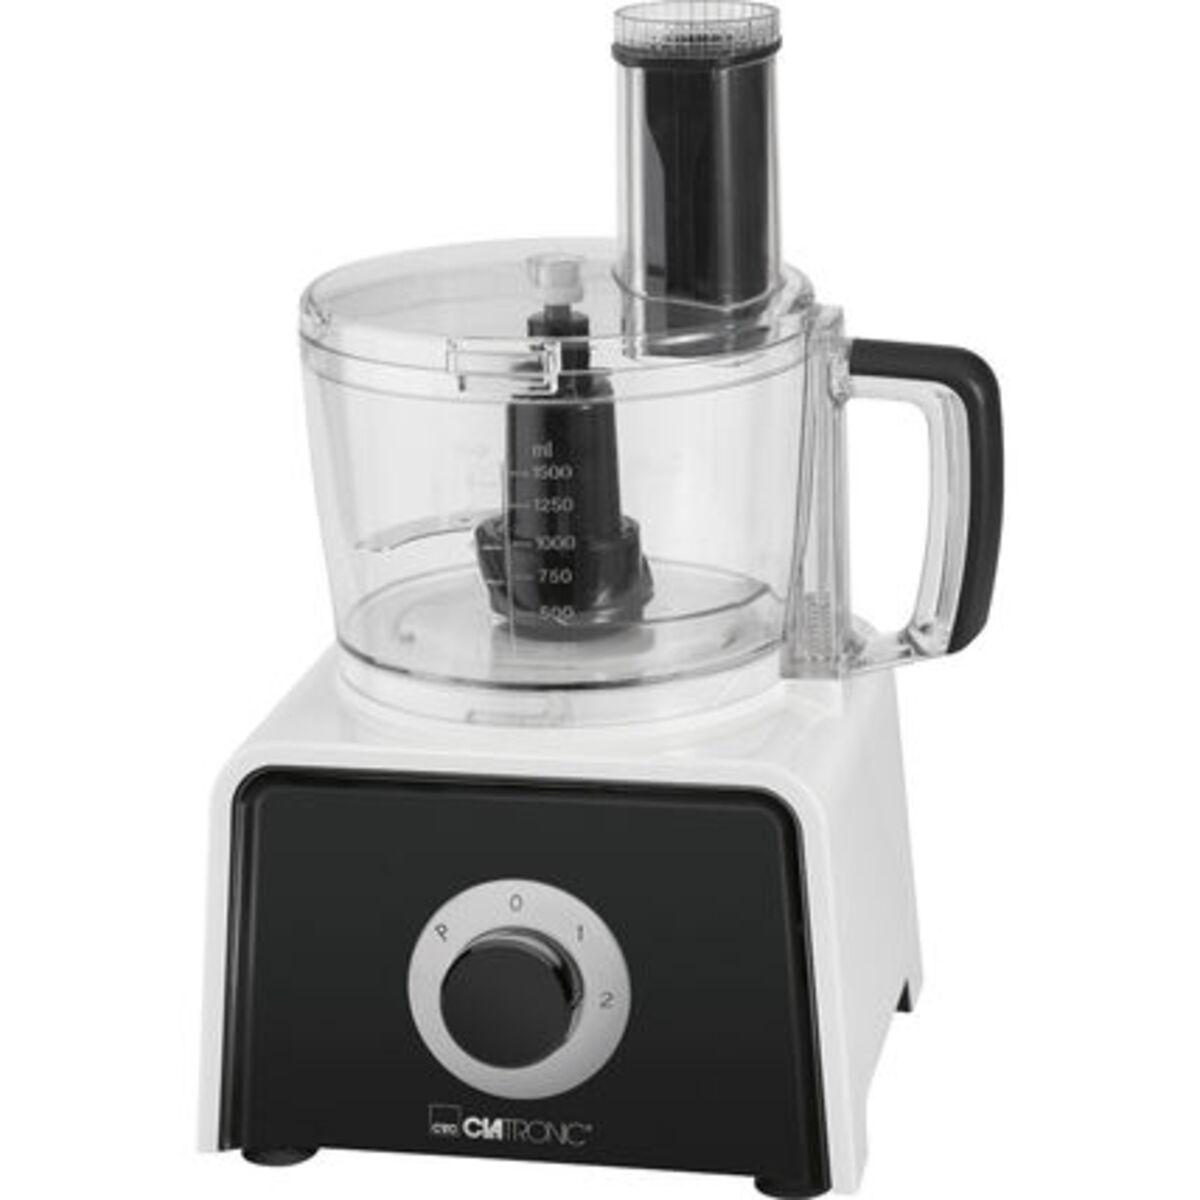 Bild 1 von Clatronic Küchenmaschine KM 3645, weiß/schwarz